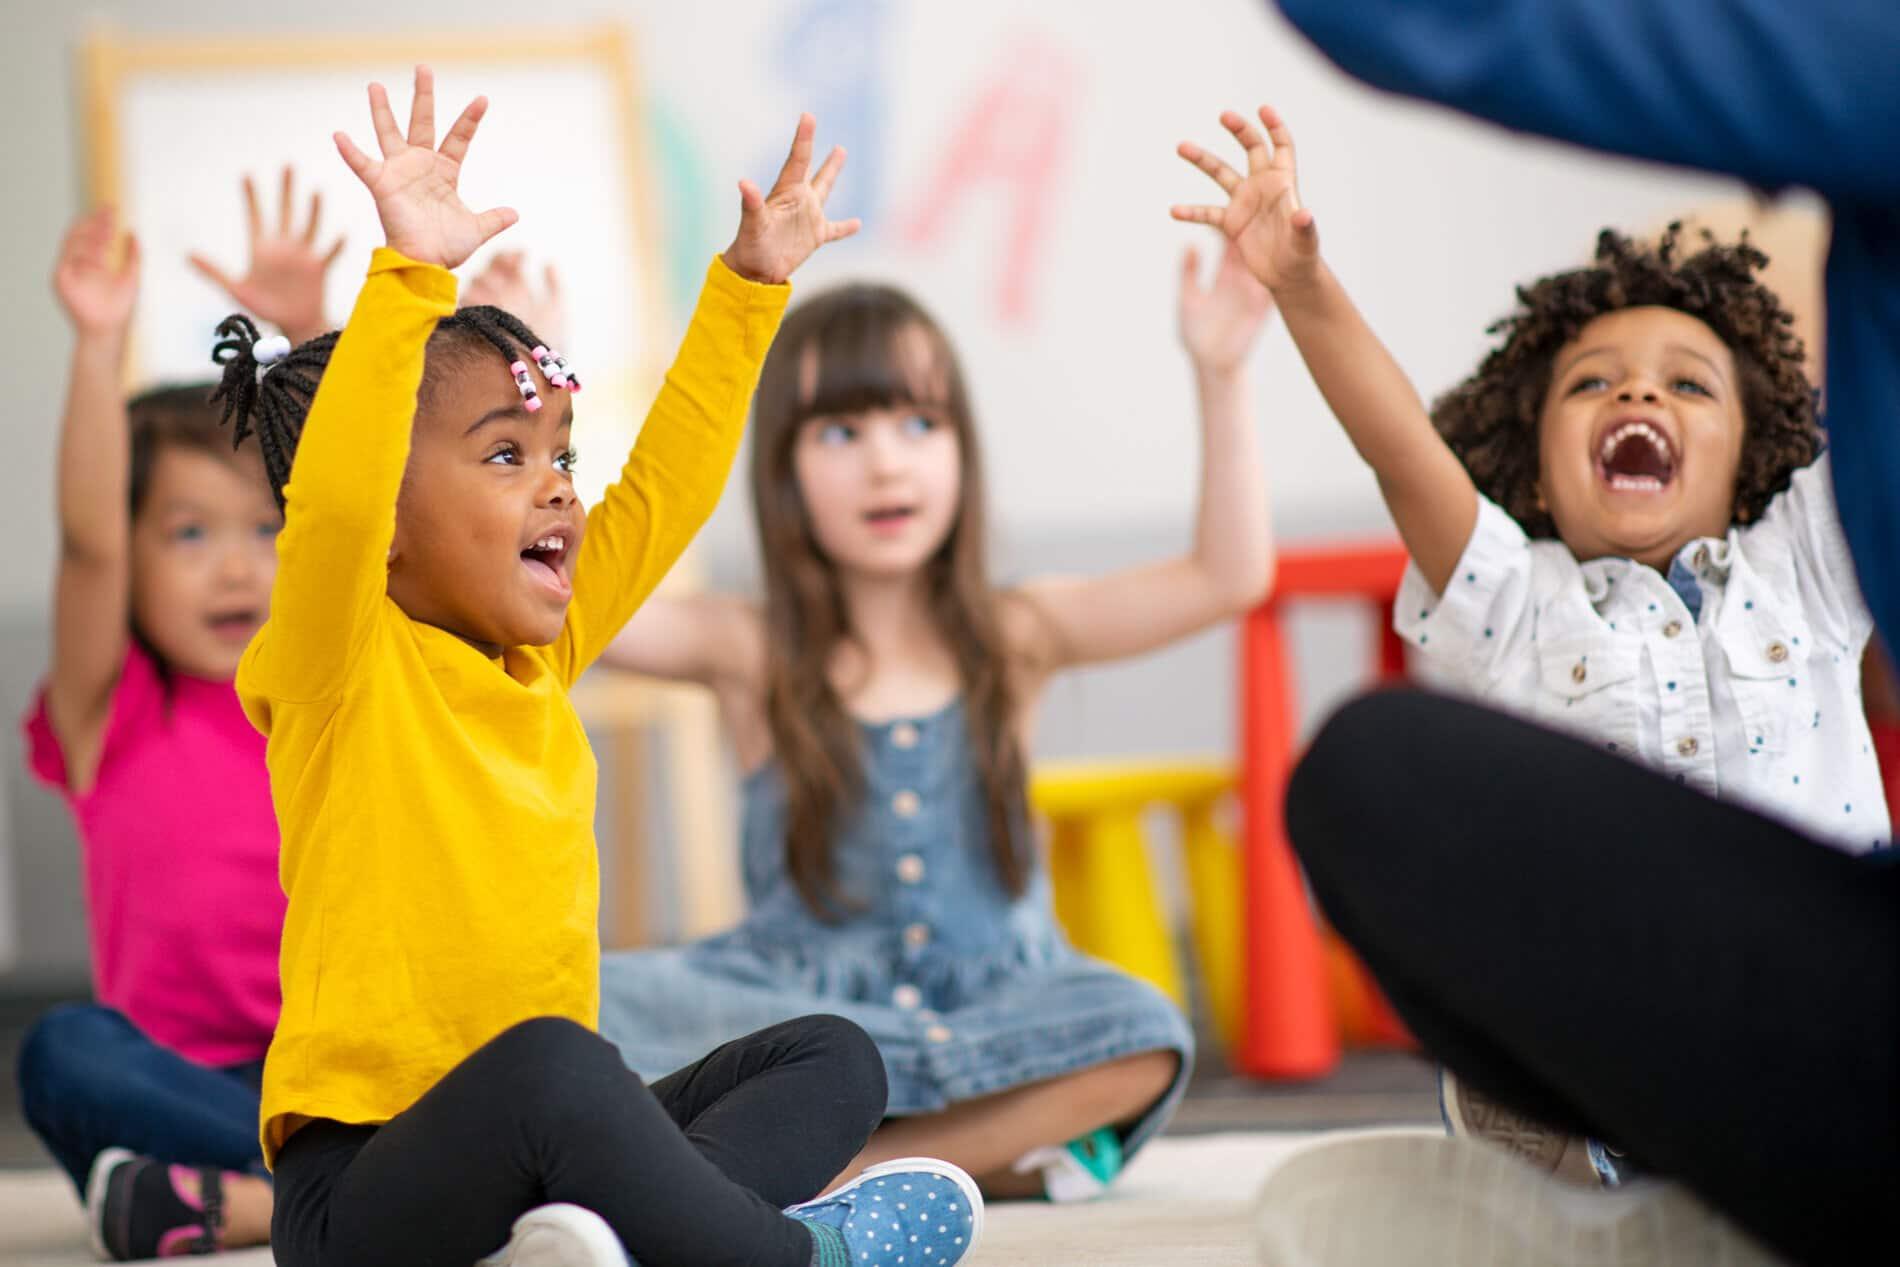 Kleinkinder werden von einer erwachsenen Person animiert, die Hände hoch zu halten, und lachen dabei.